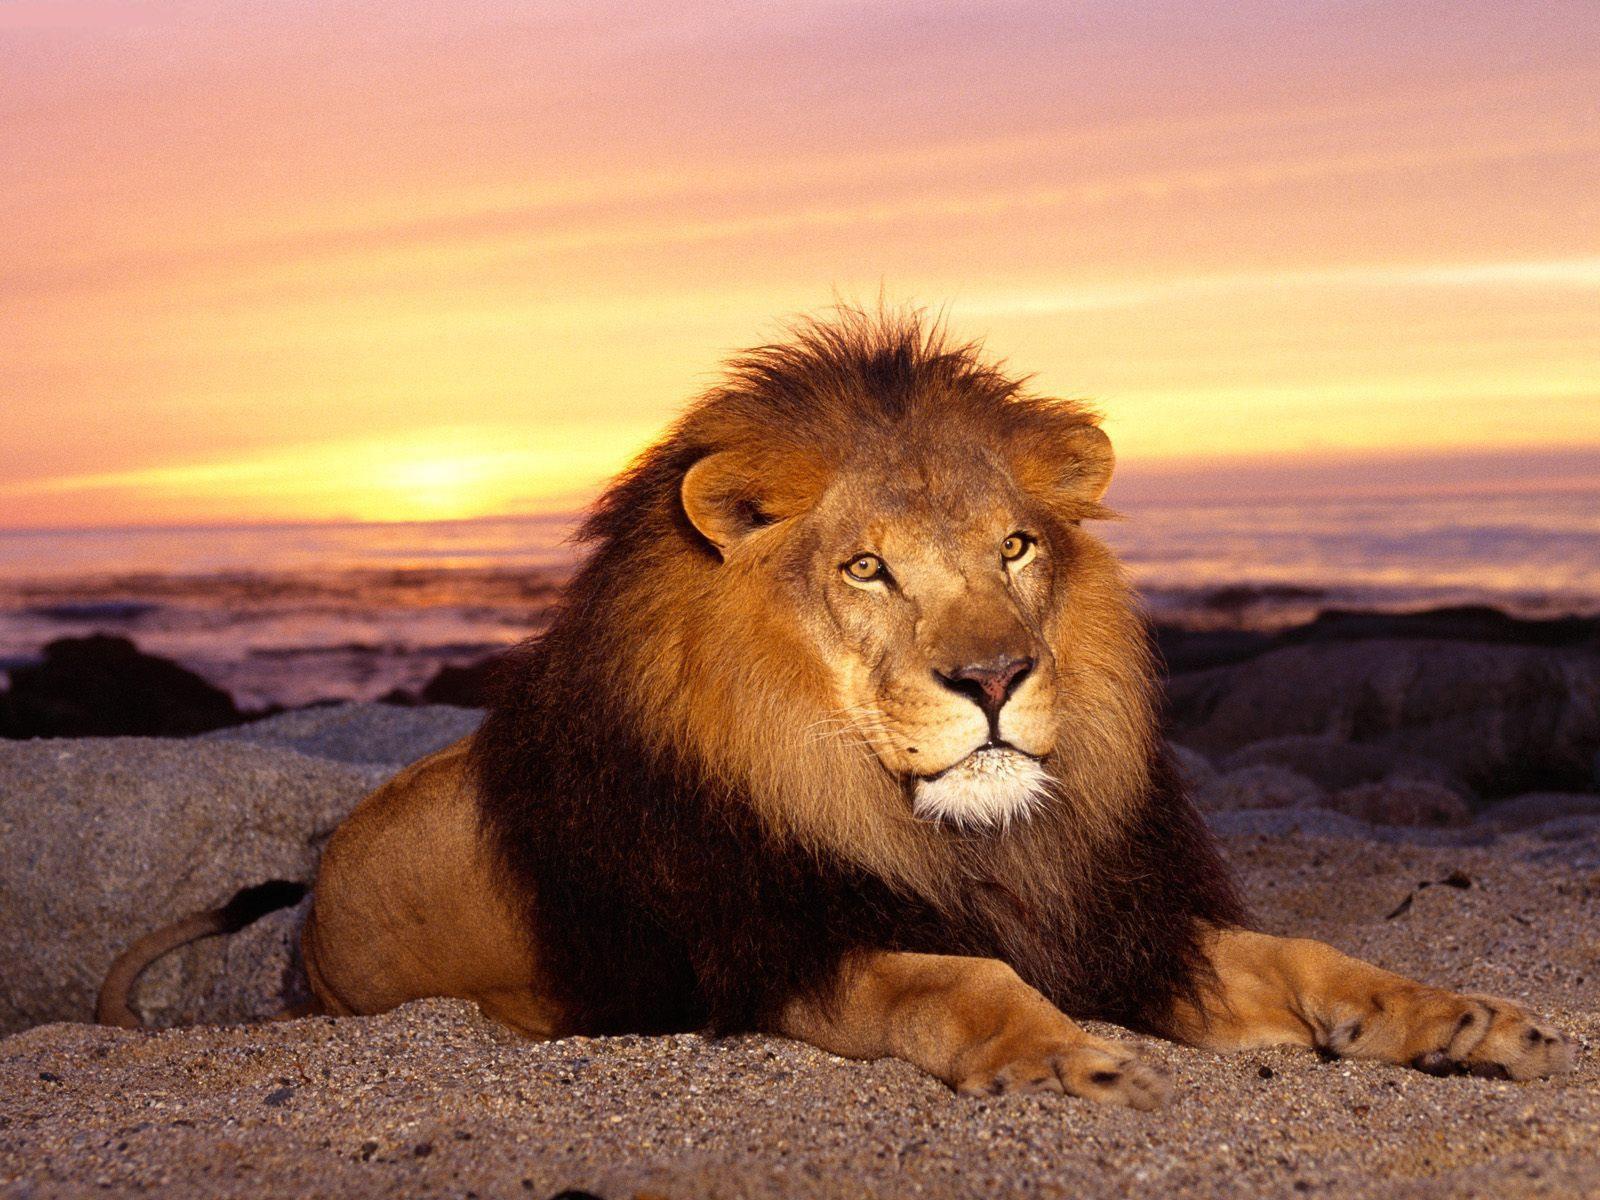 http://3.bp.blogspot.com/-HTTQUr9cEzg/T0pQwBWhohI/AAAAAAAANSQ/Jbqd4CKoczM/s1600/The-best-top-desktop-lion-wallpapers-hd-lion-wallpaper-1.jpeg